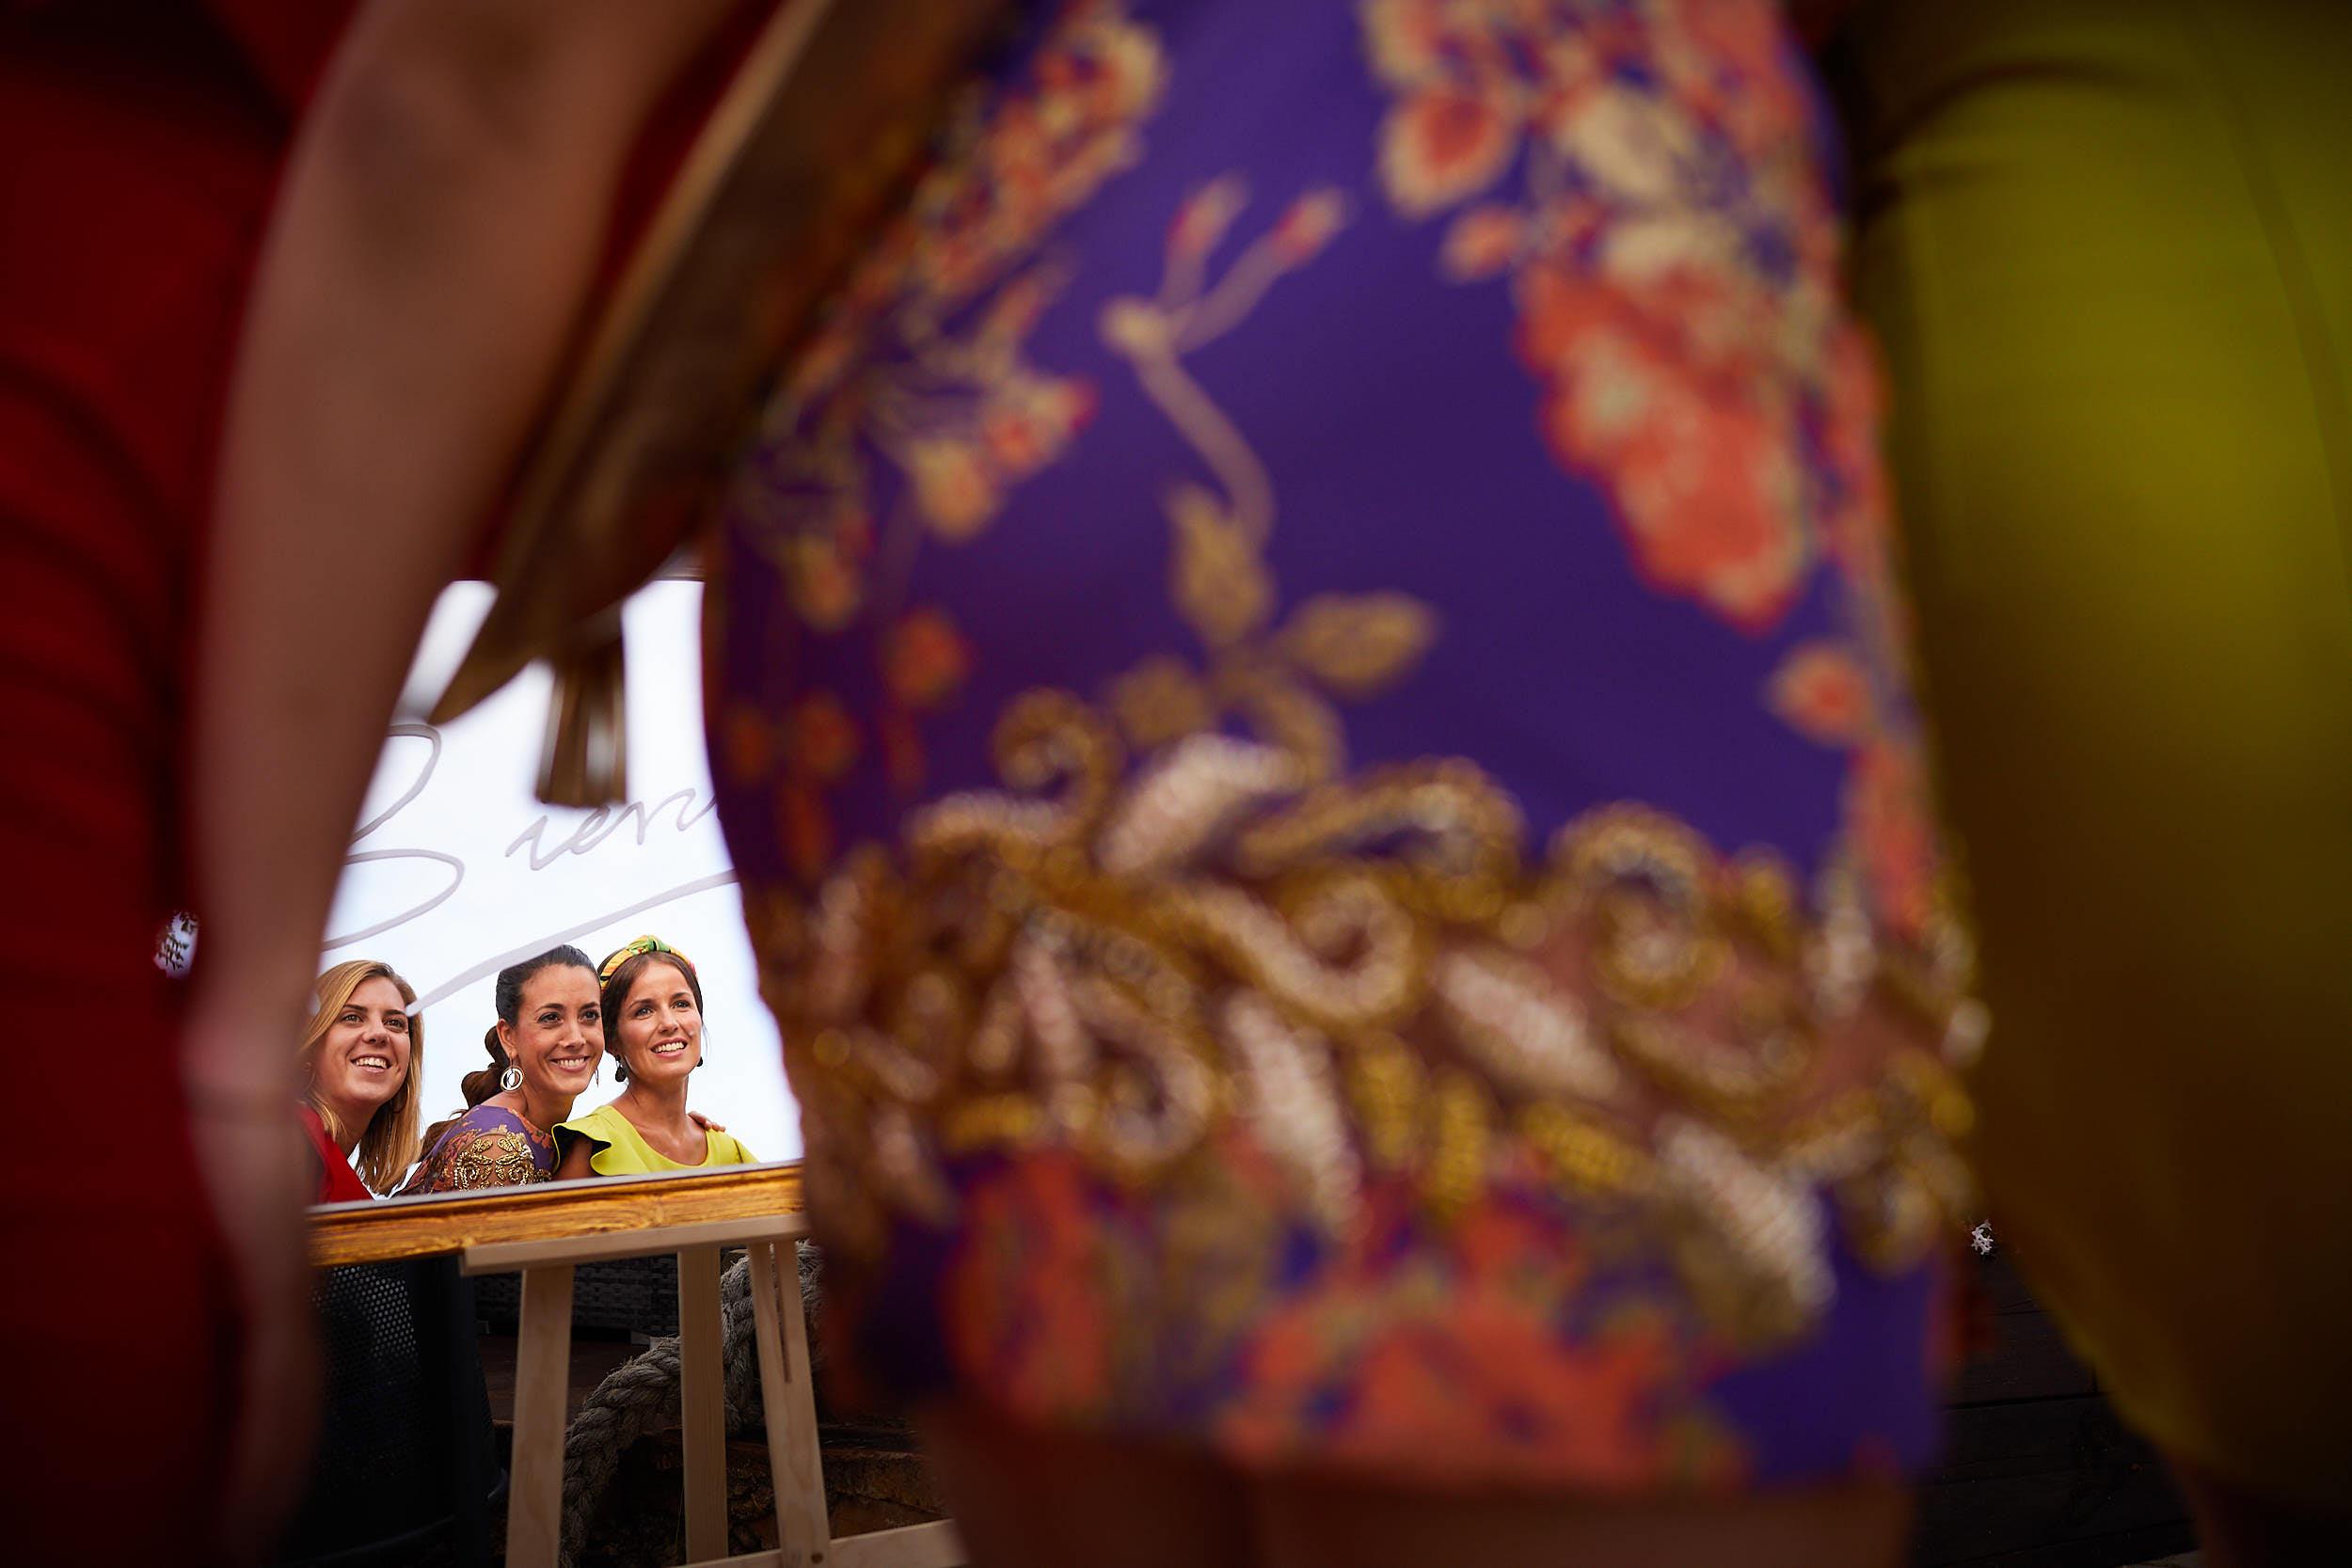 Fotógrafo de boda con estilo documental y fotoperiodismo en La Rioja Palacio Casafuerte Zarraton La Rioja Spain James Sturcke Photographer sturcke.org_00032.jpg